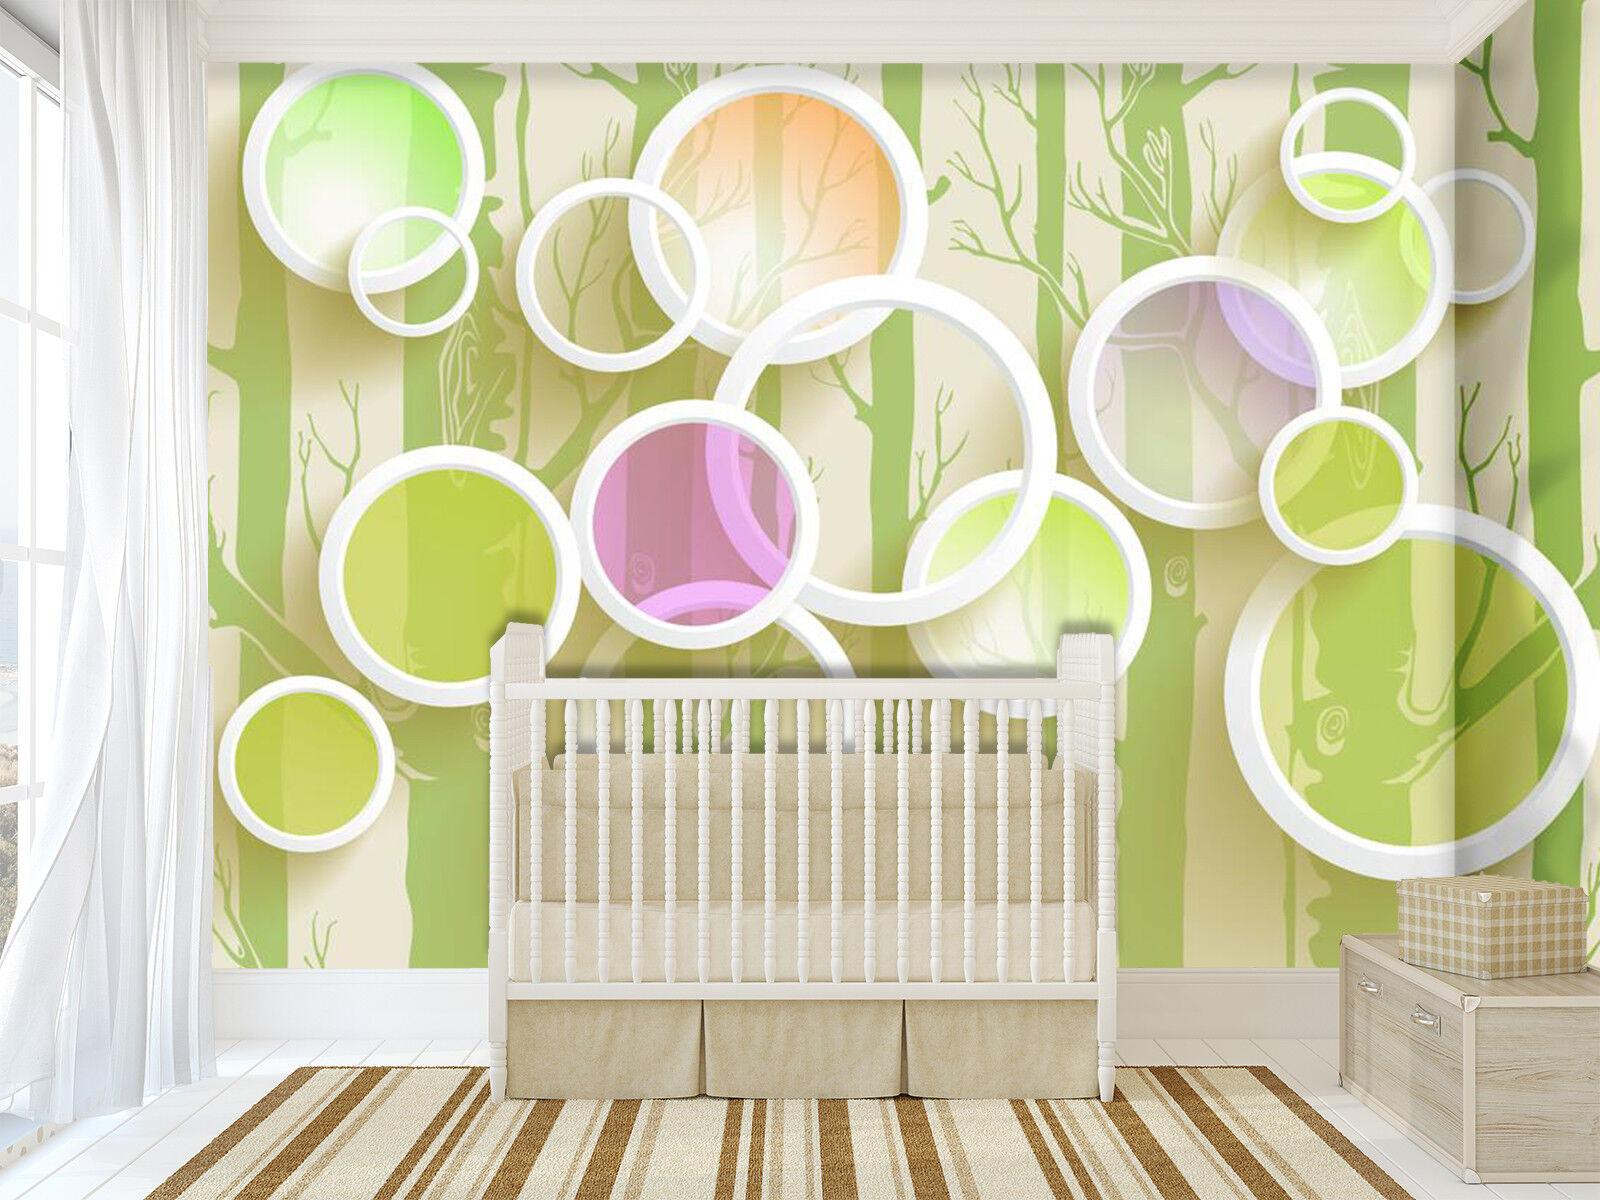 3D Ringe Ringe Ringe Wälder Muster 9708 Tapete Wandgemälde Tapeten Bild Familie DE Kyra    Attraktives Aussehen    Rich-pünktliche Lieferung    Treten Sie ein in die Welt der Spielzeuge und finden Sie eine Quelle des Glücks  1e3883